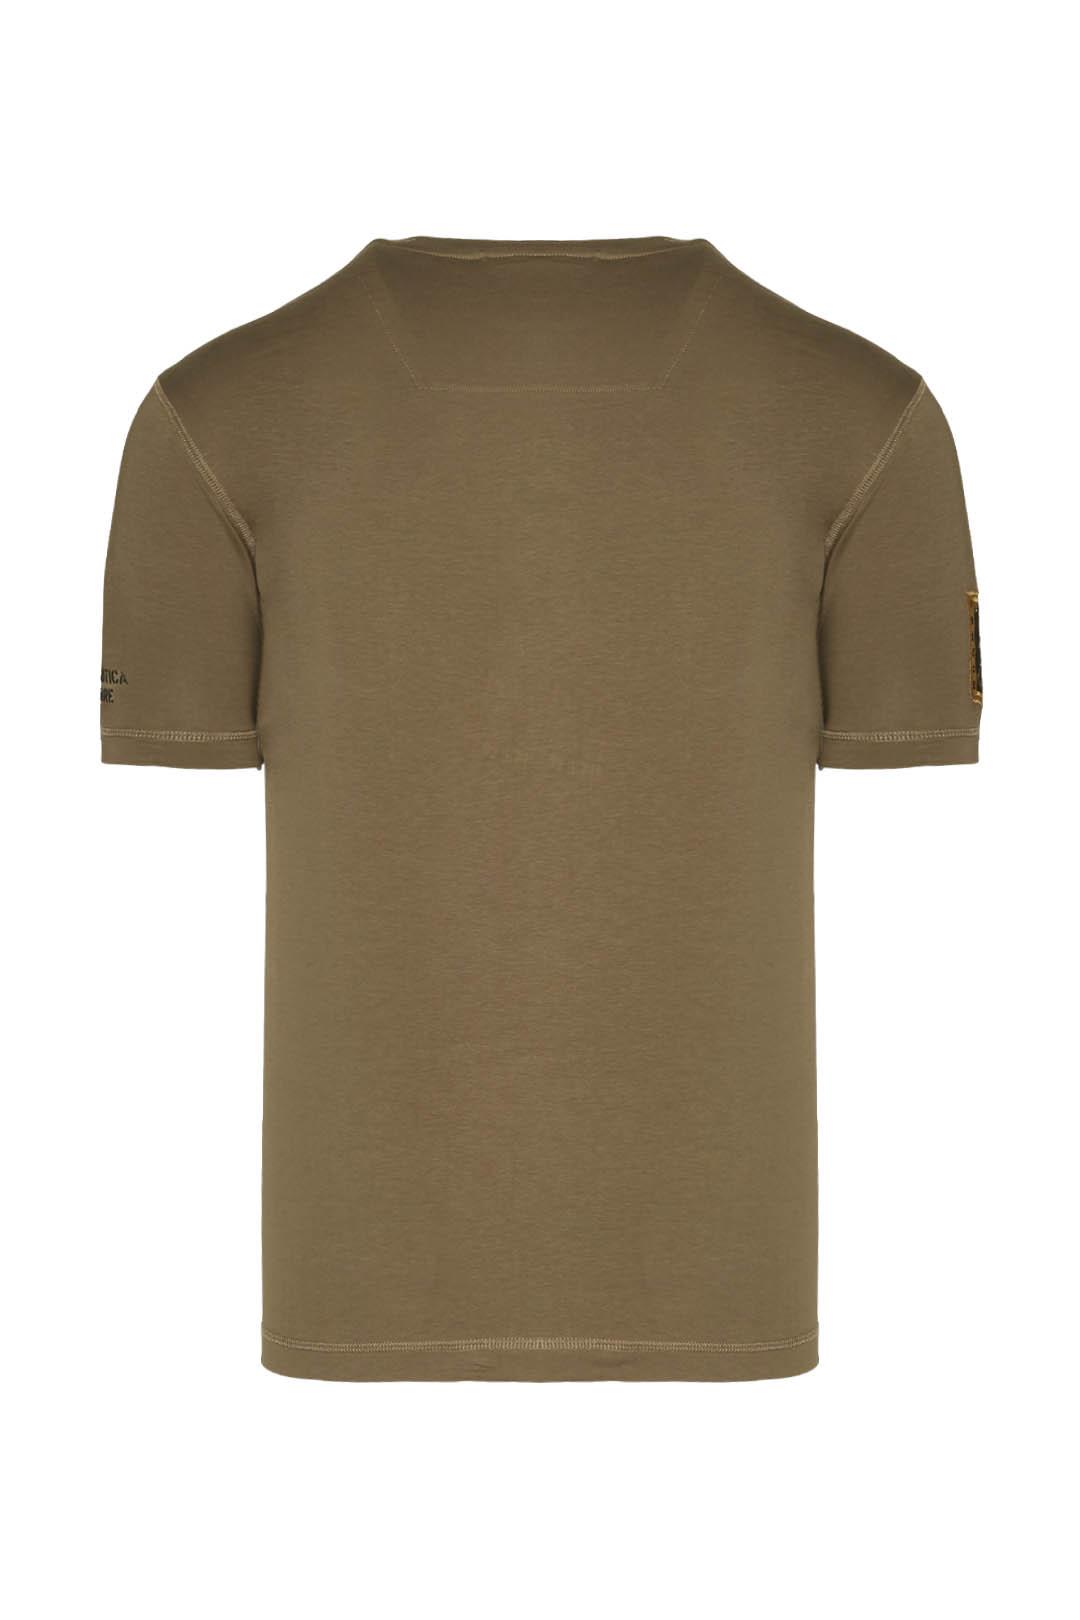 T-Shirt mit Frecce Tricolori Druck       2